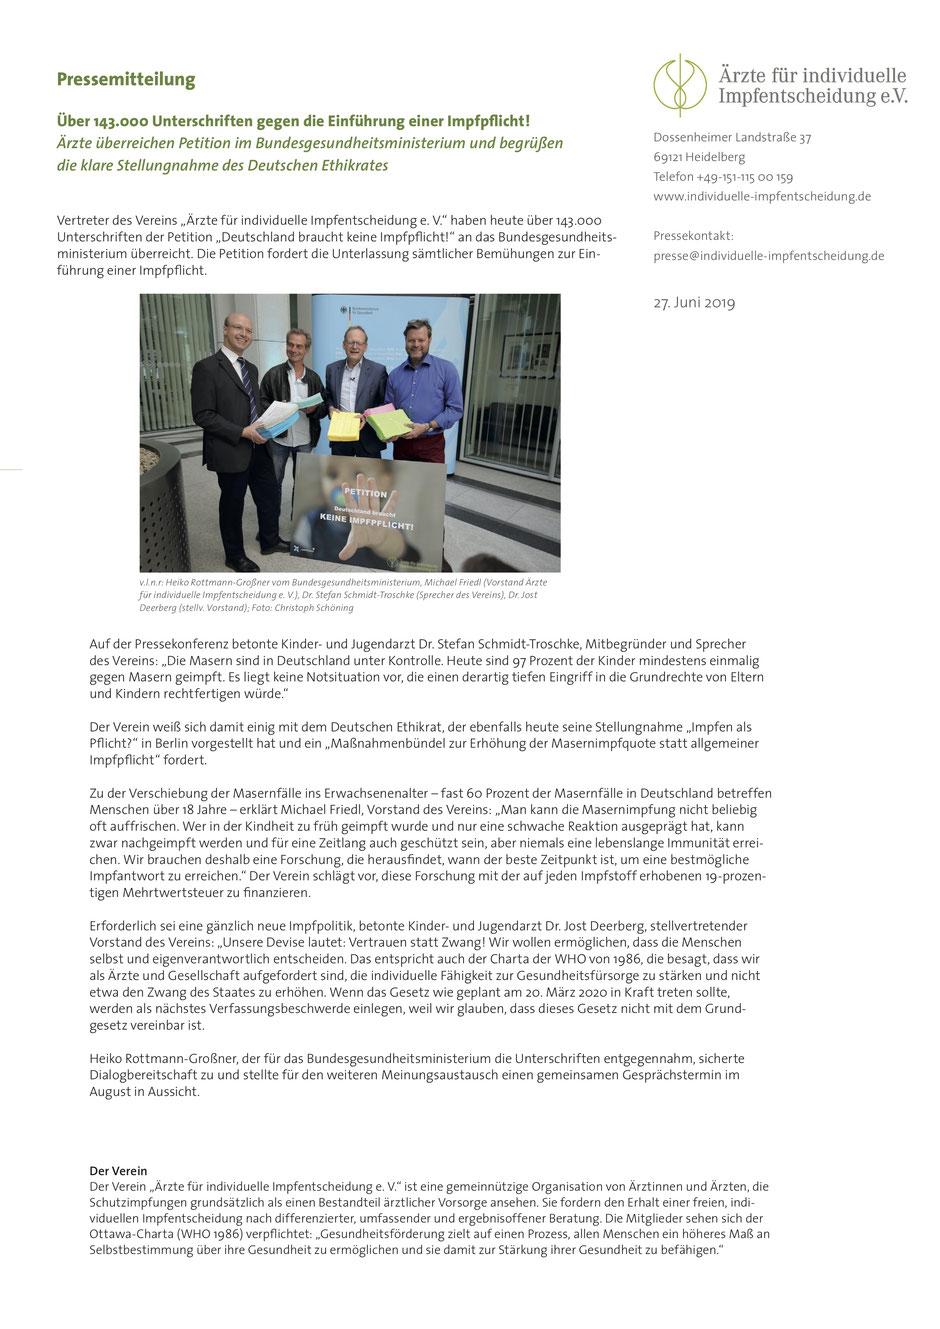 Bundesministerium für Gesundheit Masern Impfpflicht Petition